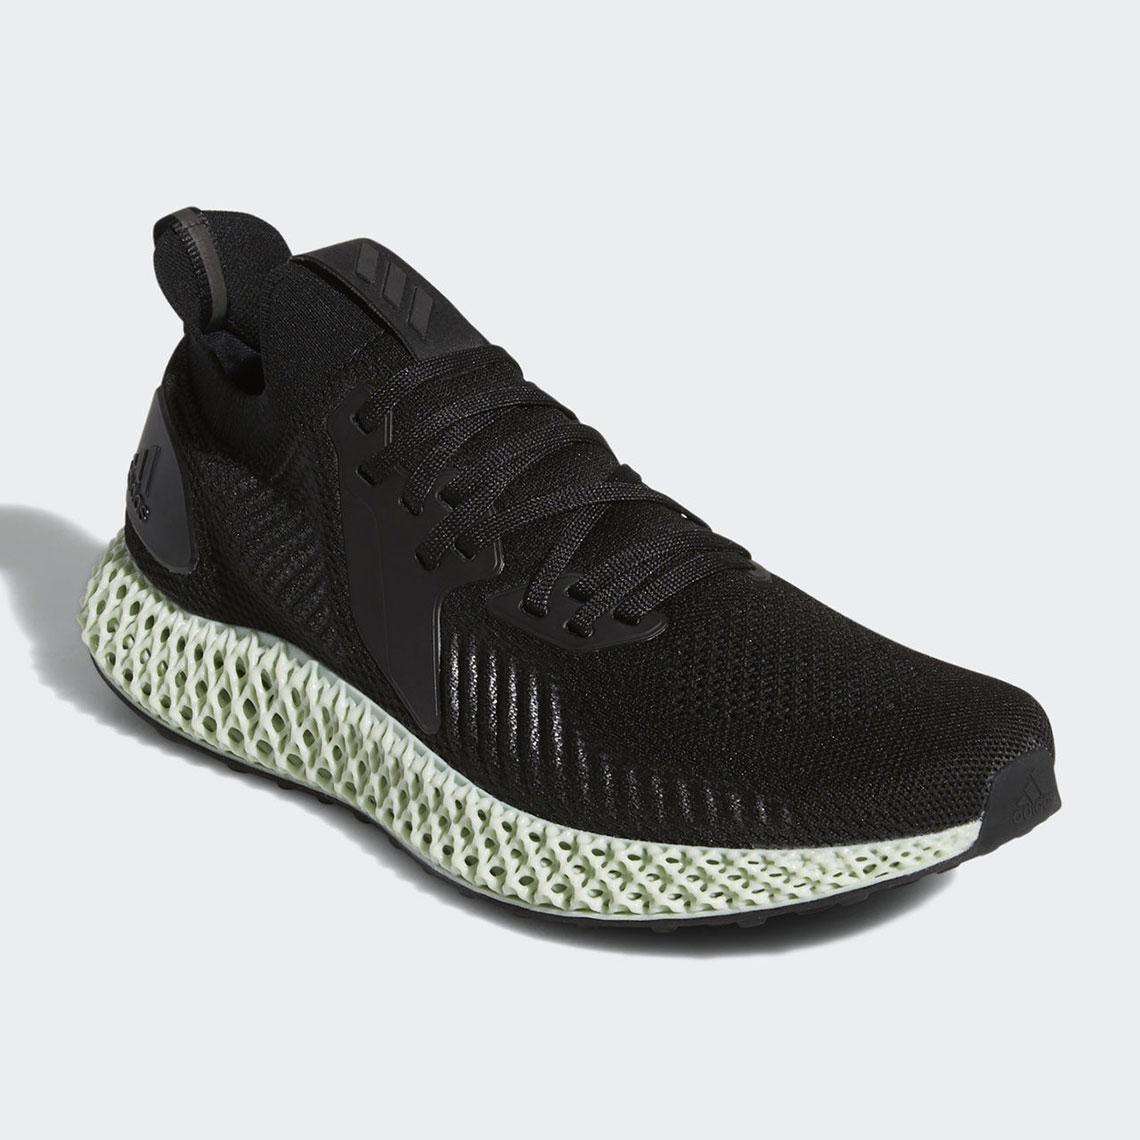 De este modo Repelente Descripción del negocio  adidas Alphaedge 4D EF3454 EF3453 Release Date | SneakerNews.com